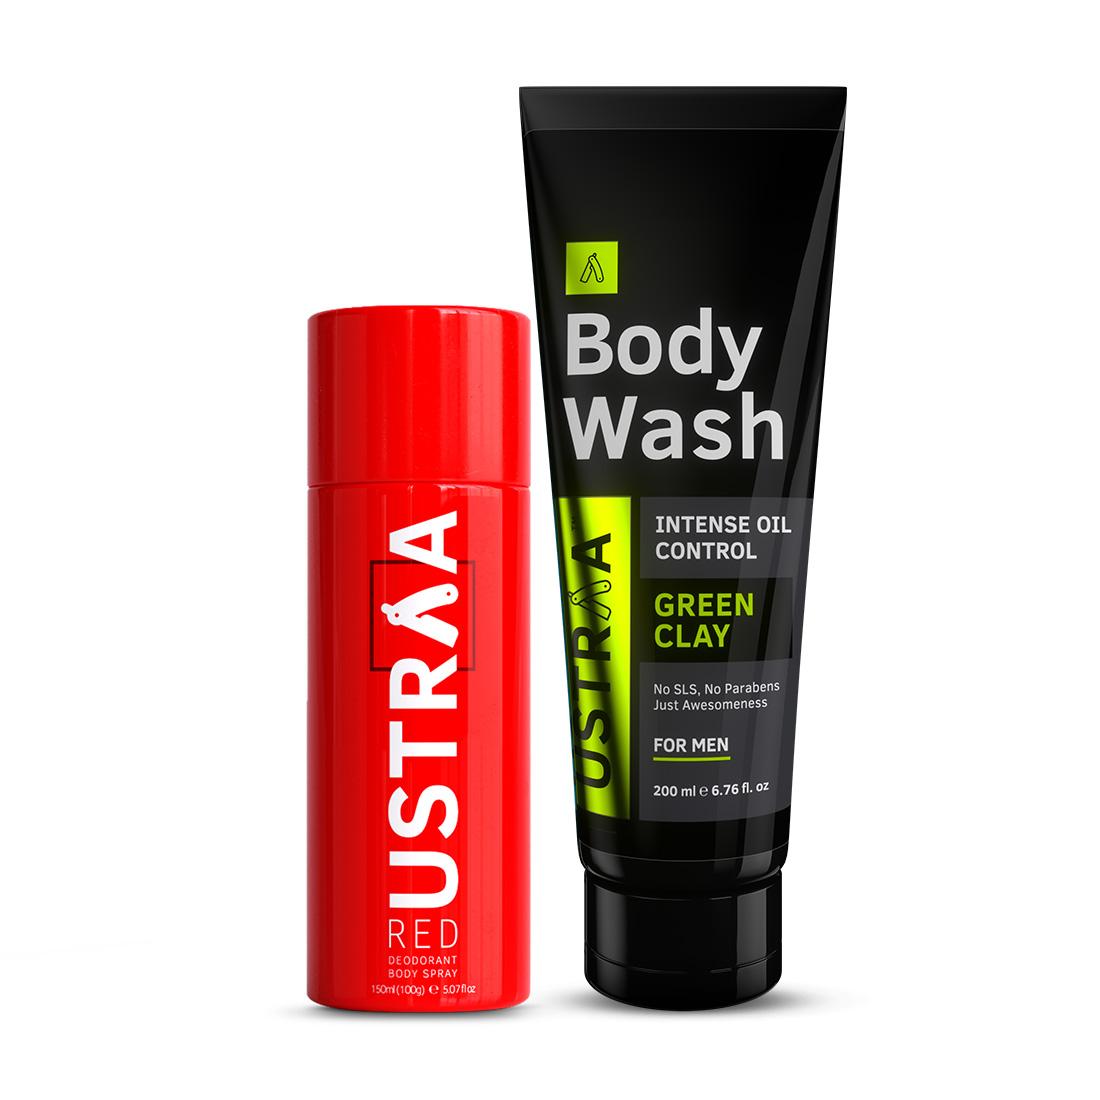 Ustraa | Ustraa Red Deodorant 150ml & Body Wash Green Clay 200g